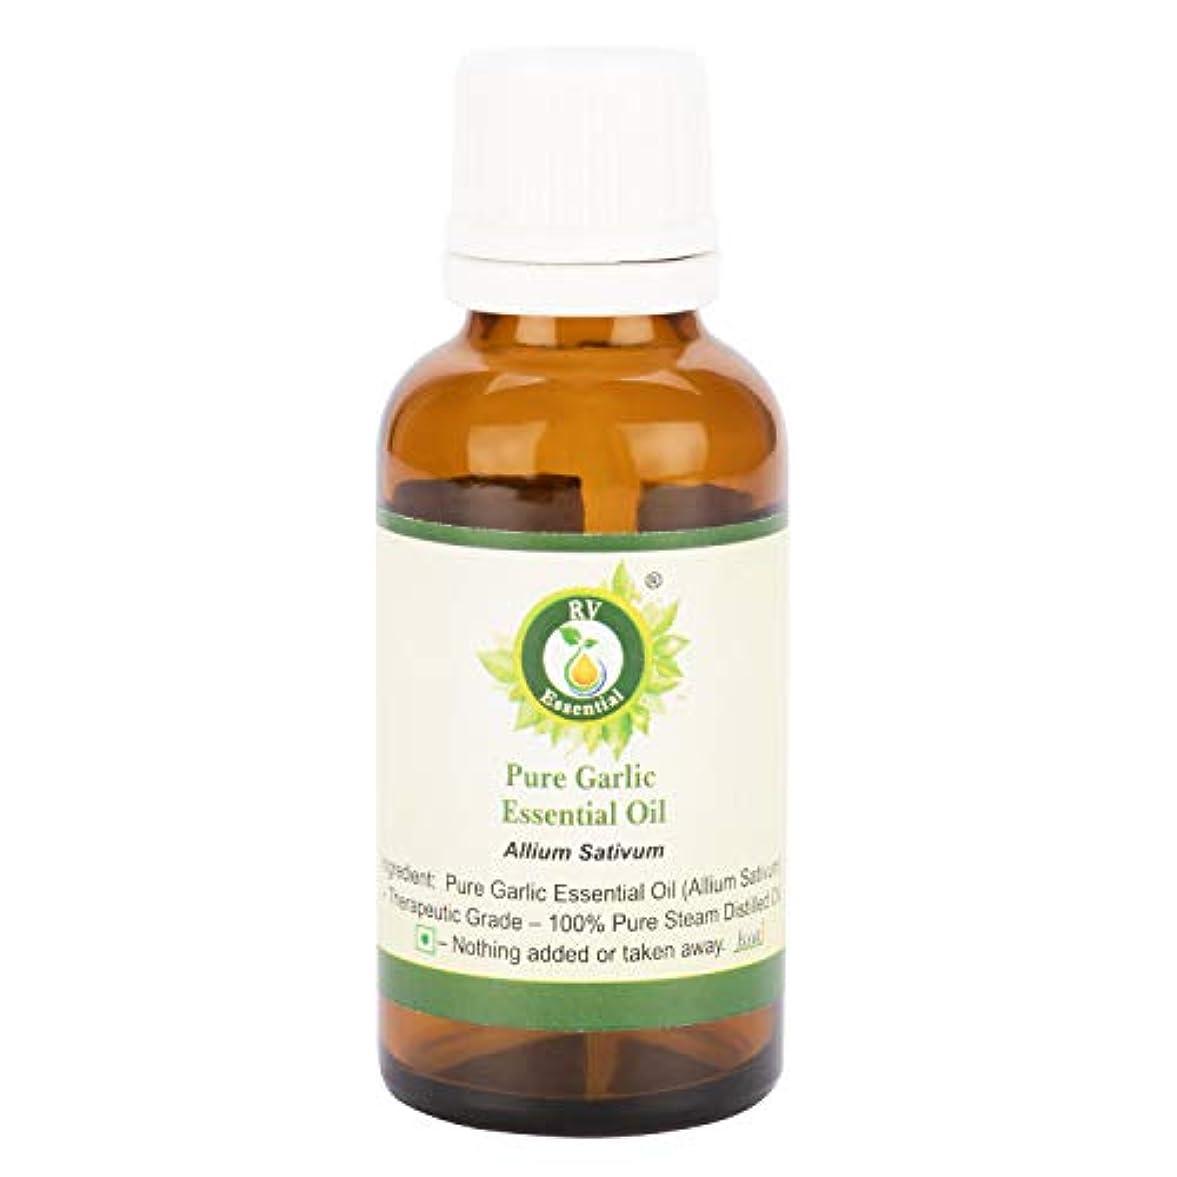 トランジスタ不幸黙認するピュアニンニクエッセンシャルオイル100ml (3.38oz)- Allium Sativum (100%純粋&天然スチームDistilled) Pure Garlic Essential Oil